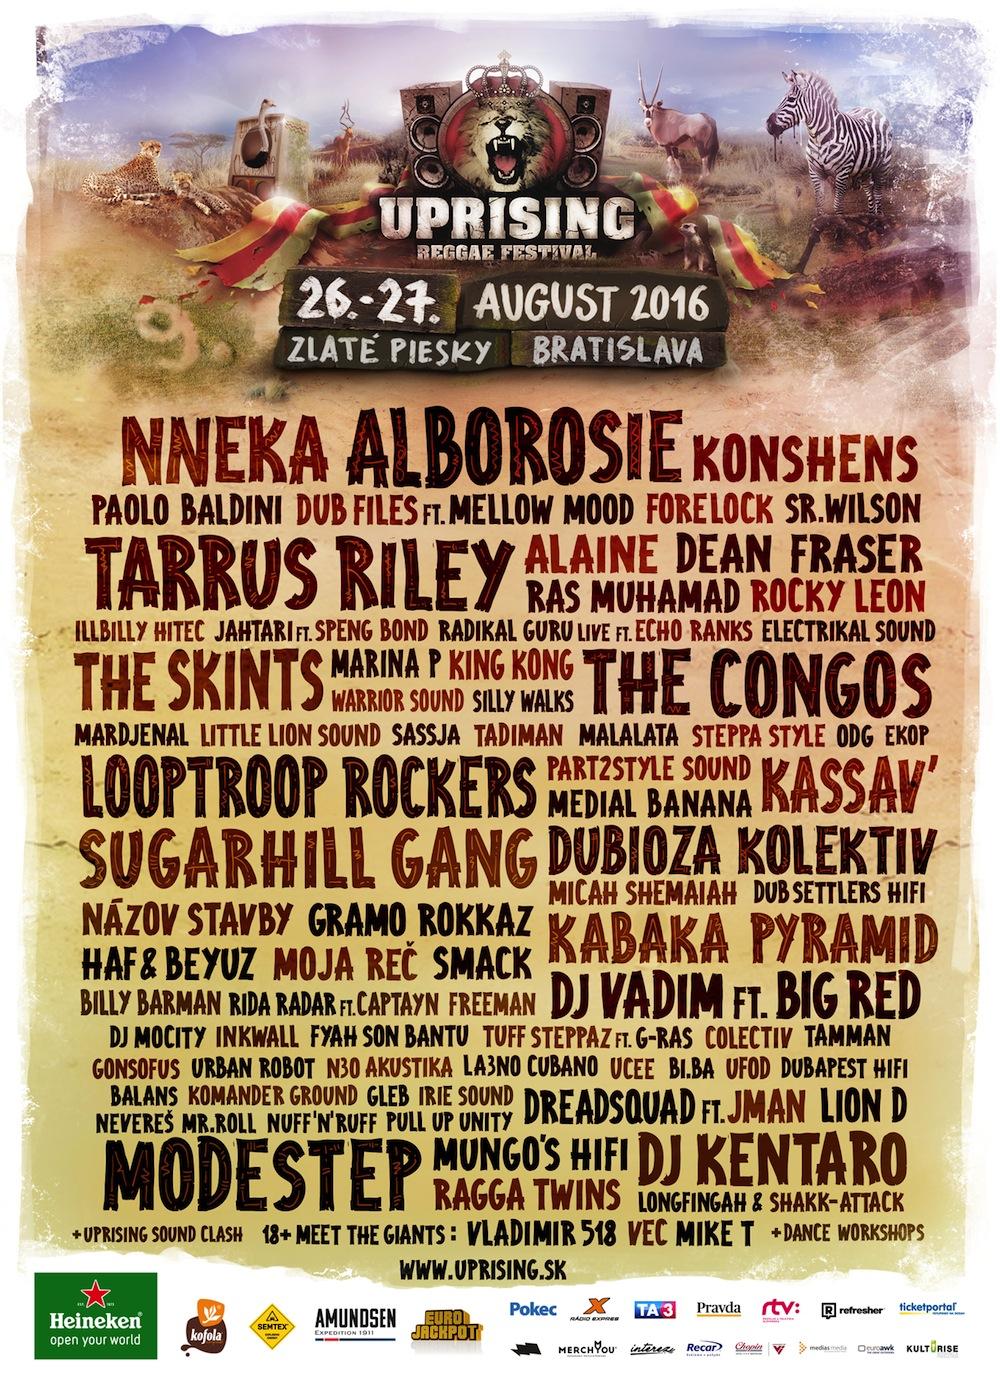 Nalaďte sa na Uprising atmosféru už teraz! Vonku je nový trailer aj ďalšie silné mená reggae a soundsystem scény